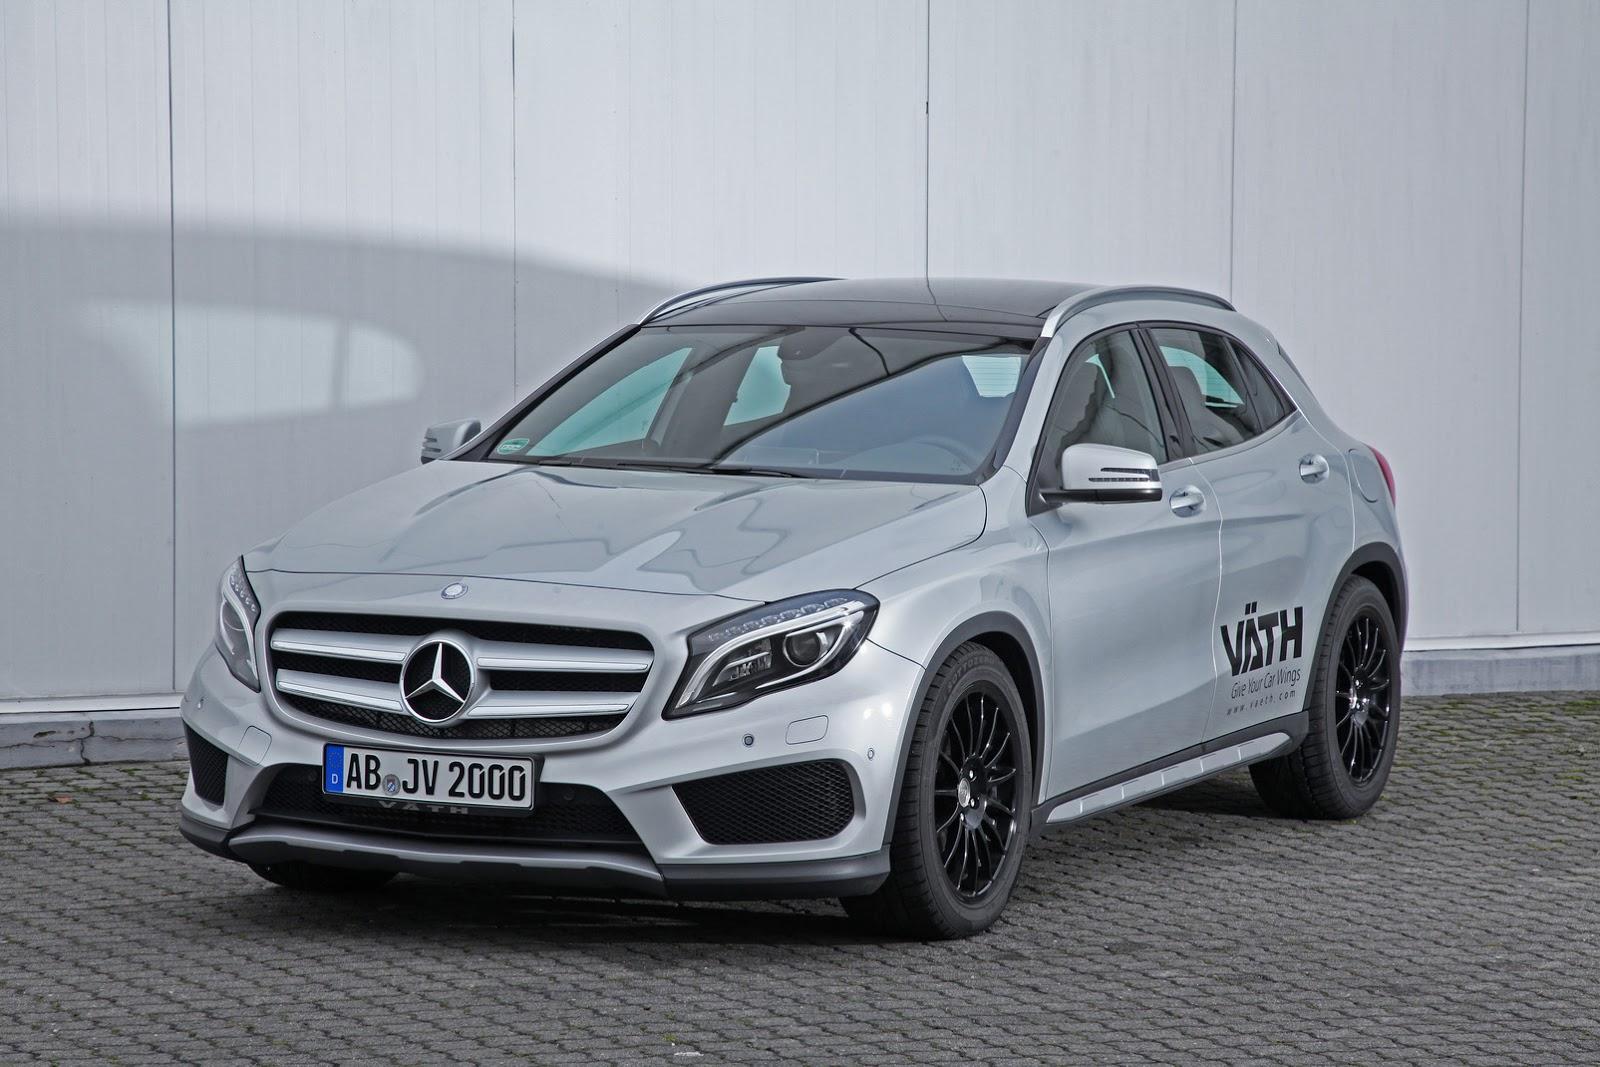 Väth Mercedes GLA 200: El chispazo adicional que estabas esperando 3